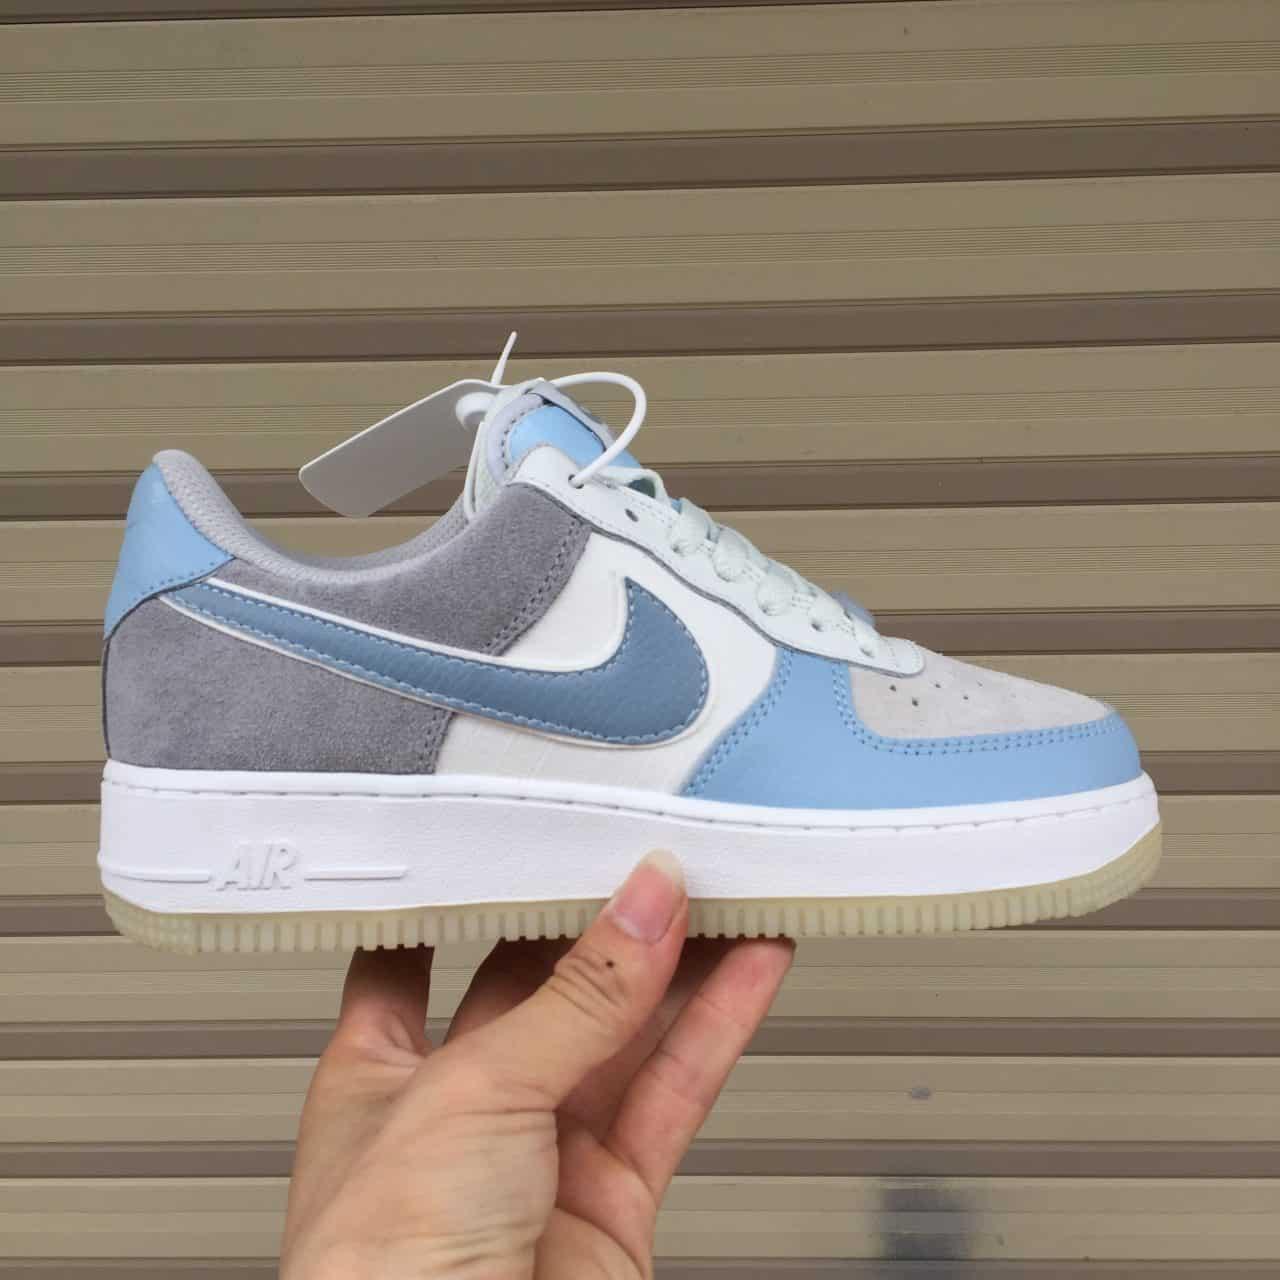 Giày Nike Air Force thiết kế phong cách nhẹ nhàng